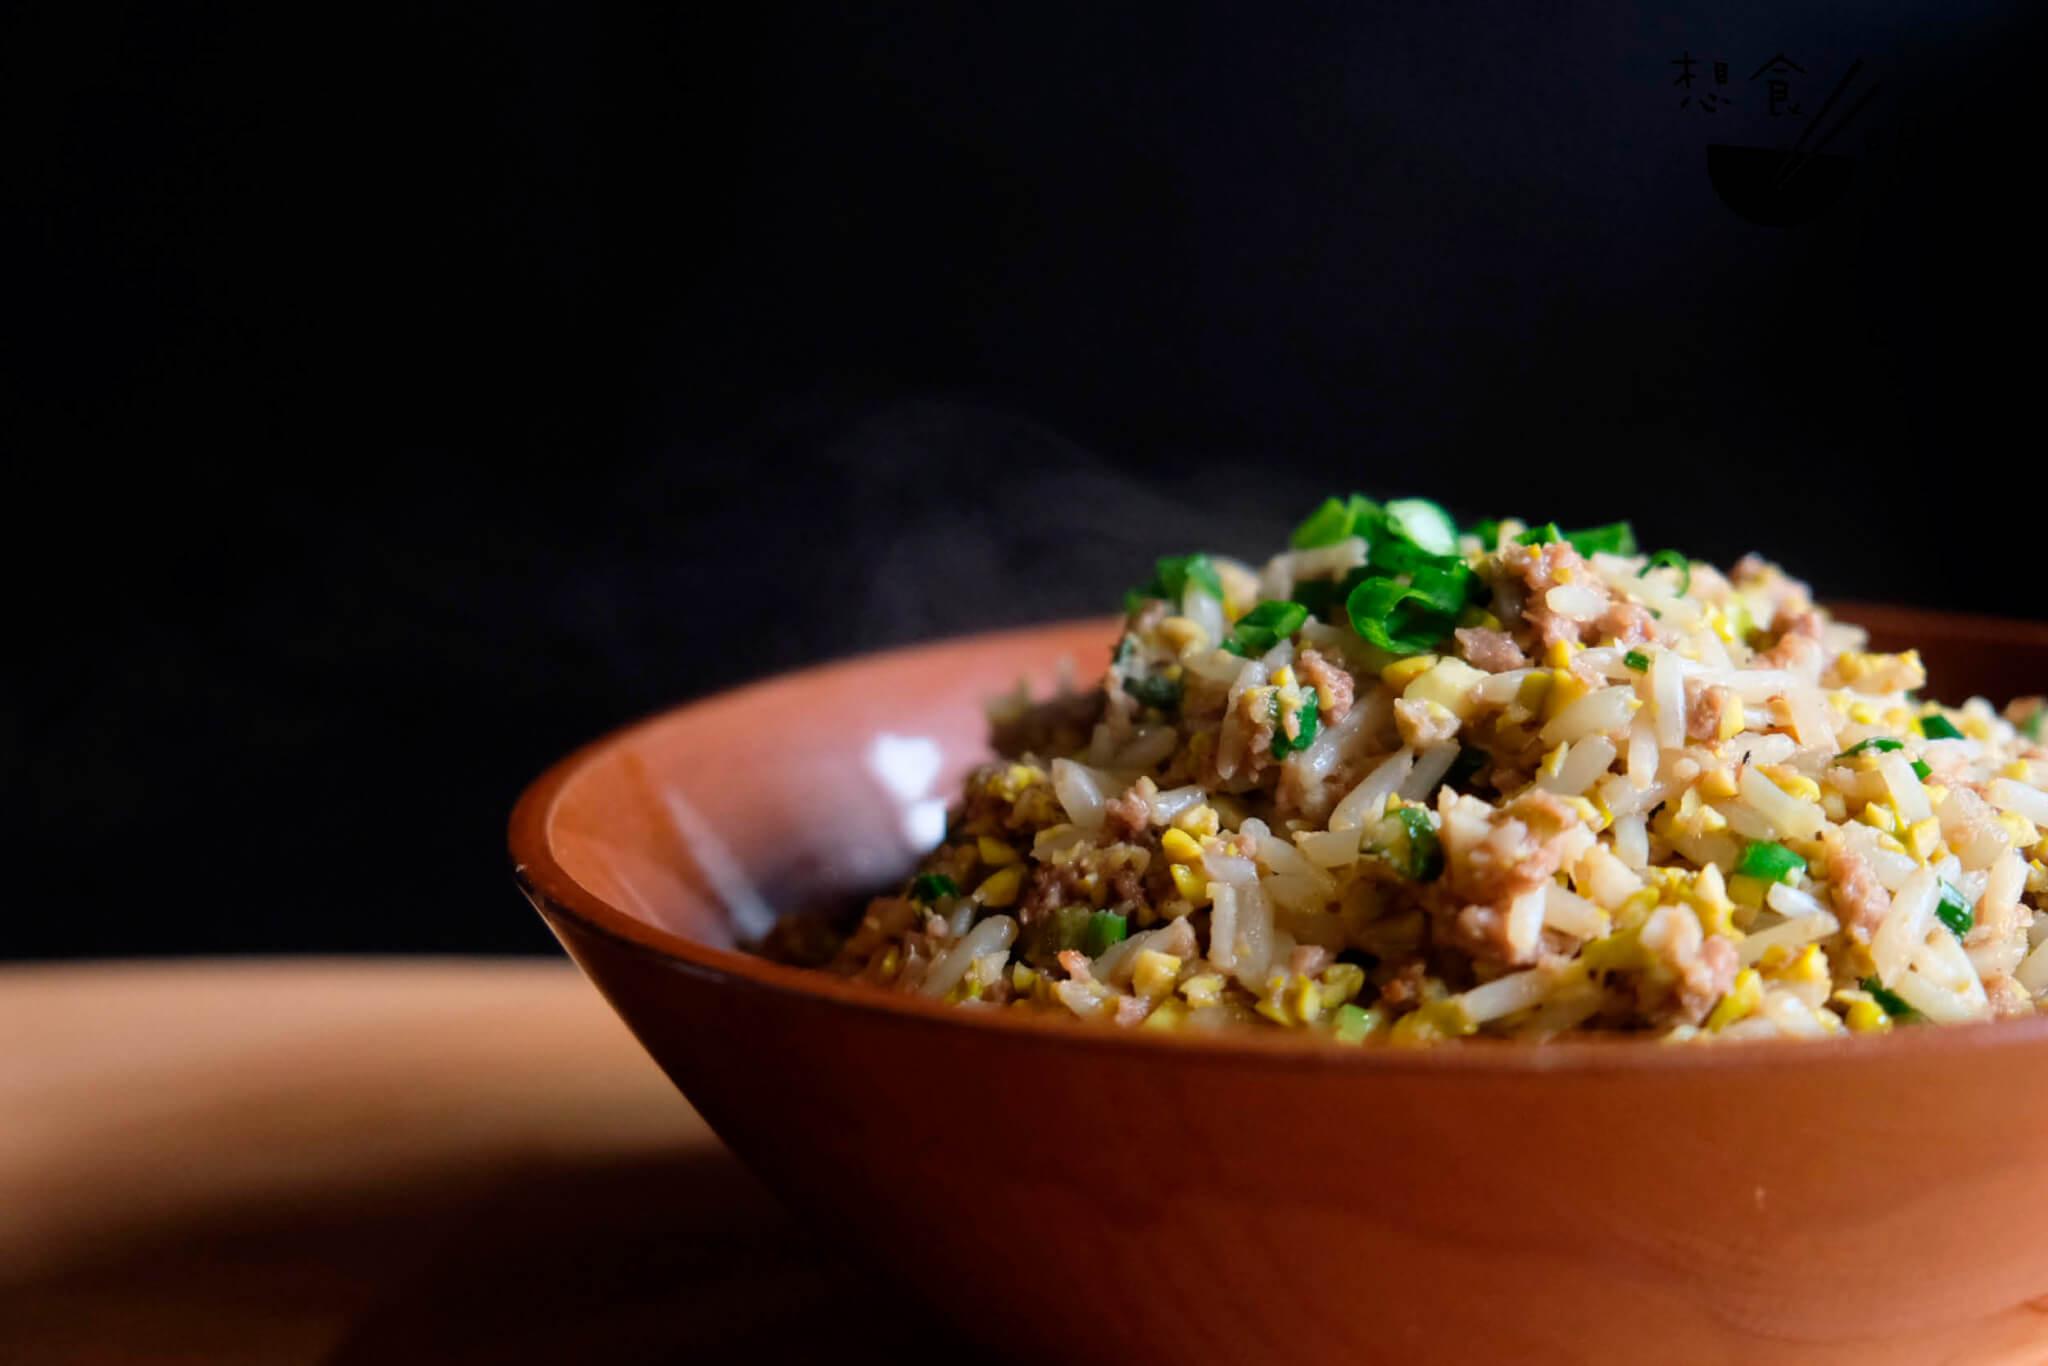 炒香了的大豆芽炒肉鬆,香口好佐飯。以生菜包覆入口,又添幾分泰式風味。